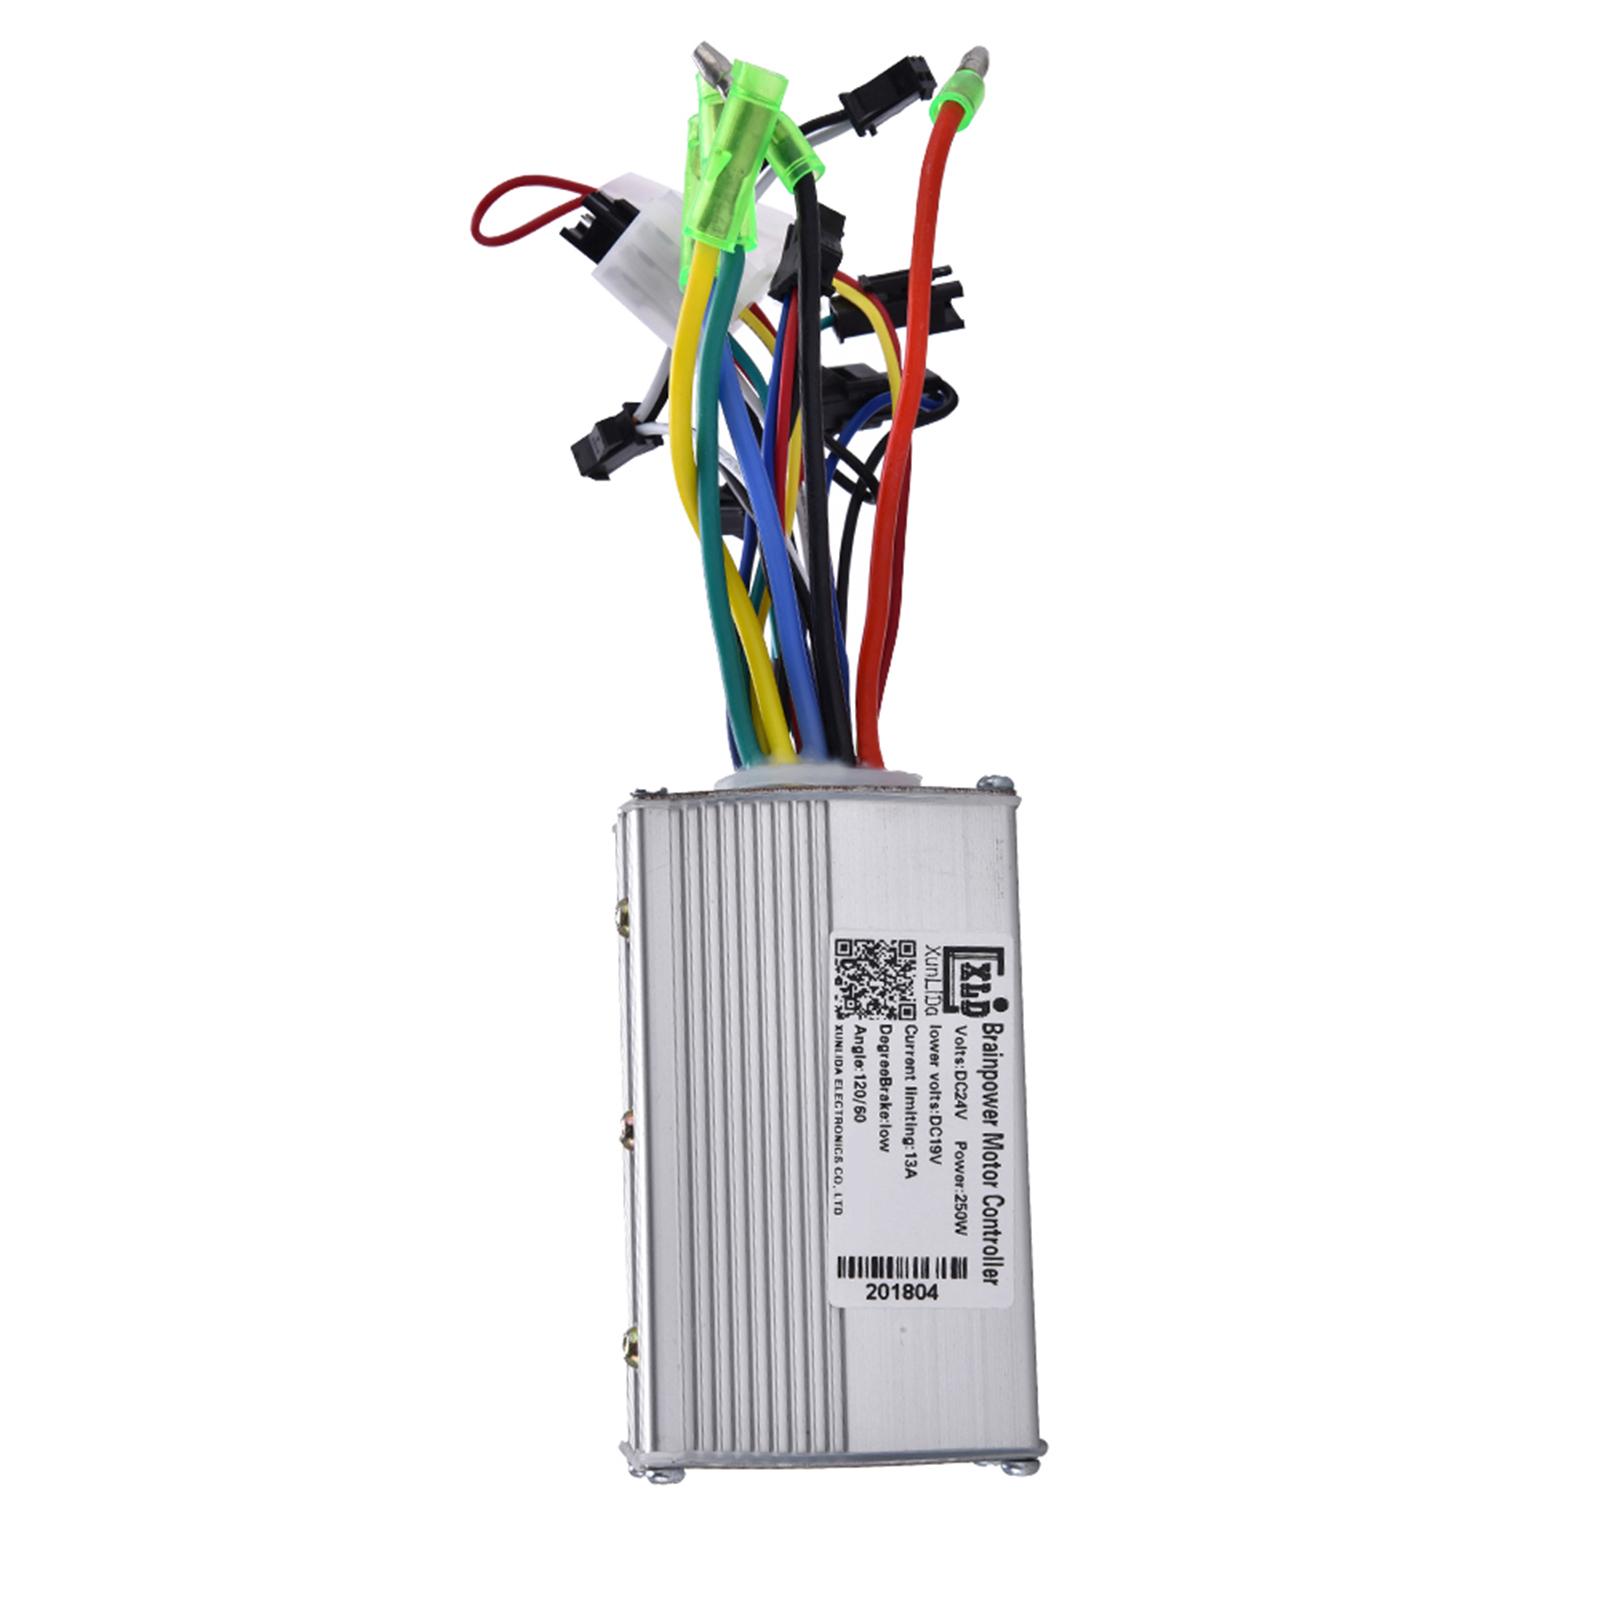 Brushless Motor Controller 24v 36v 48v 250w 350w For E Bike Electric Evo Wiring Diagram